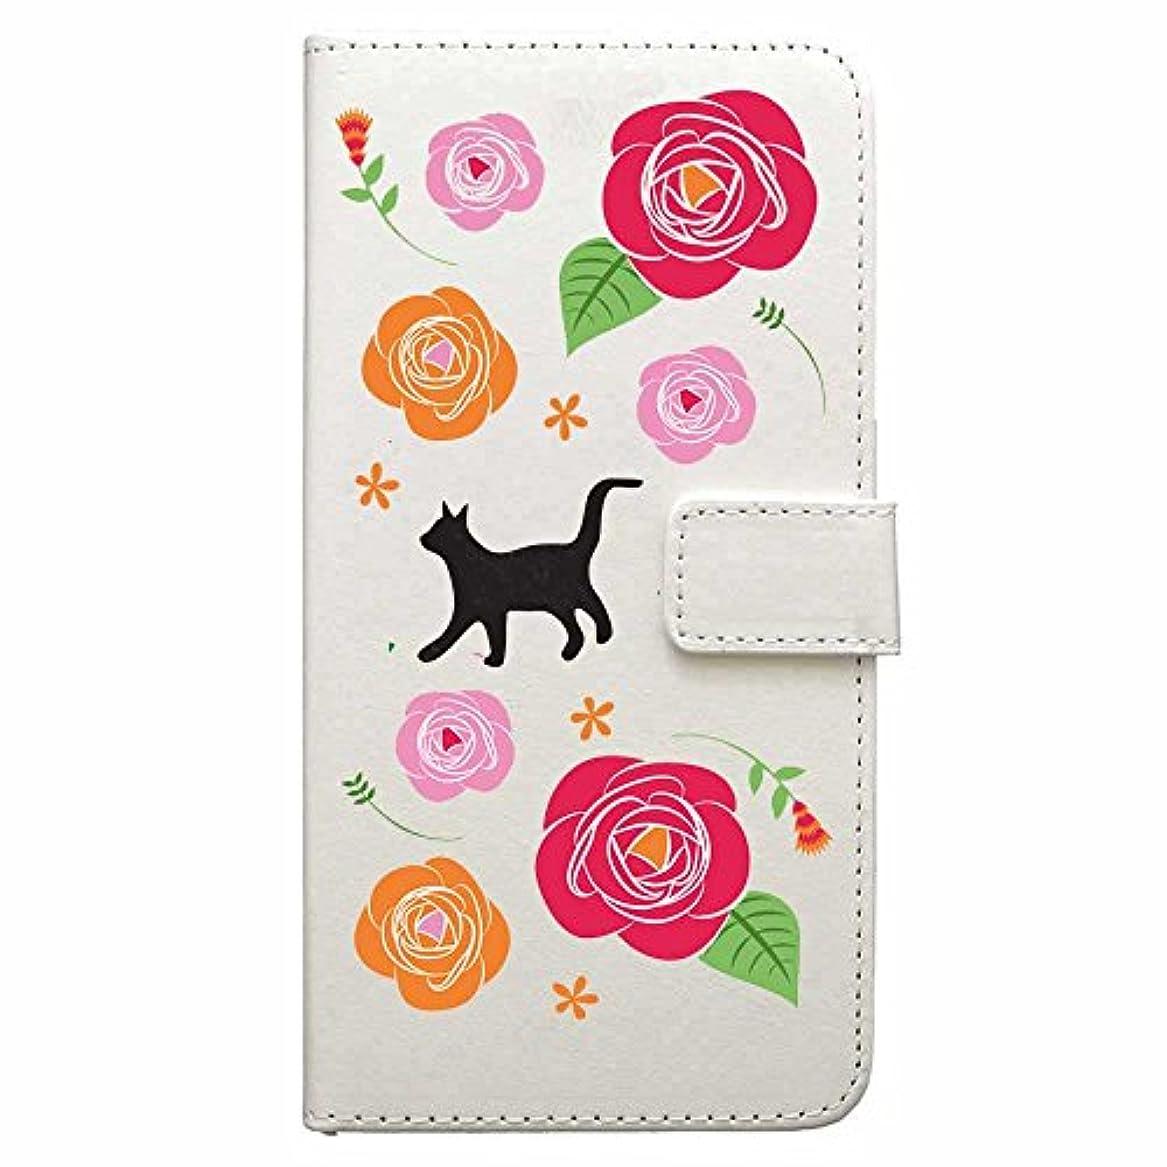 追記転倒クラックiPhone7 ケース 手帳型 ストラップホール付き カメラホールあり ホワイト ねこ好き向け 薔薇園 888-61177